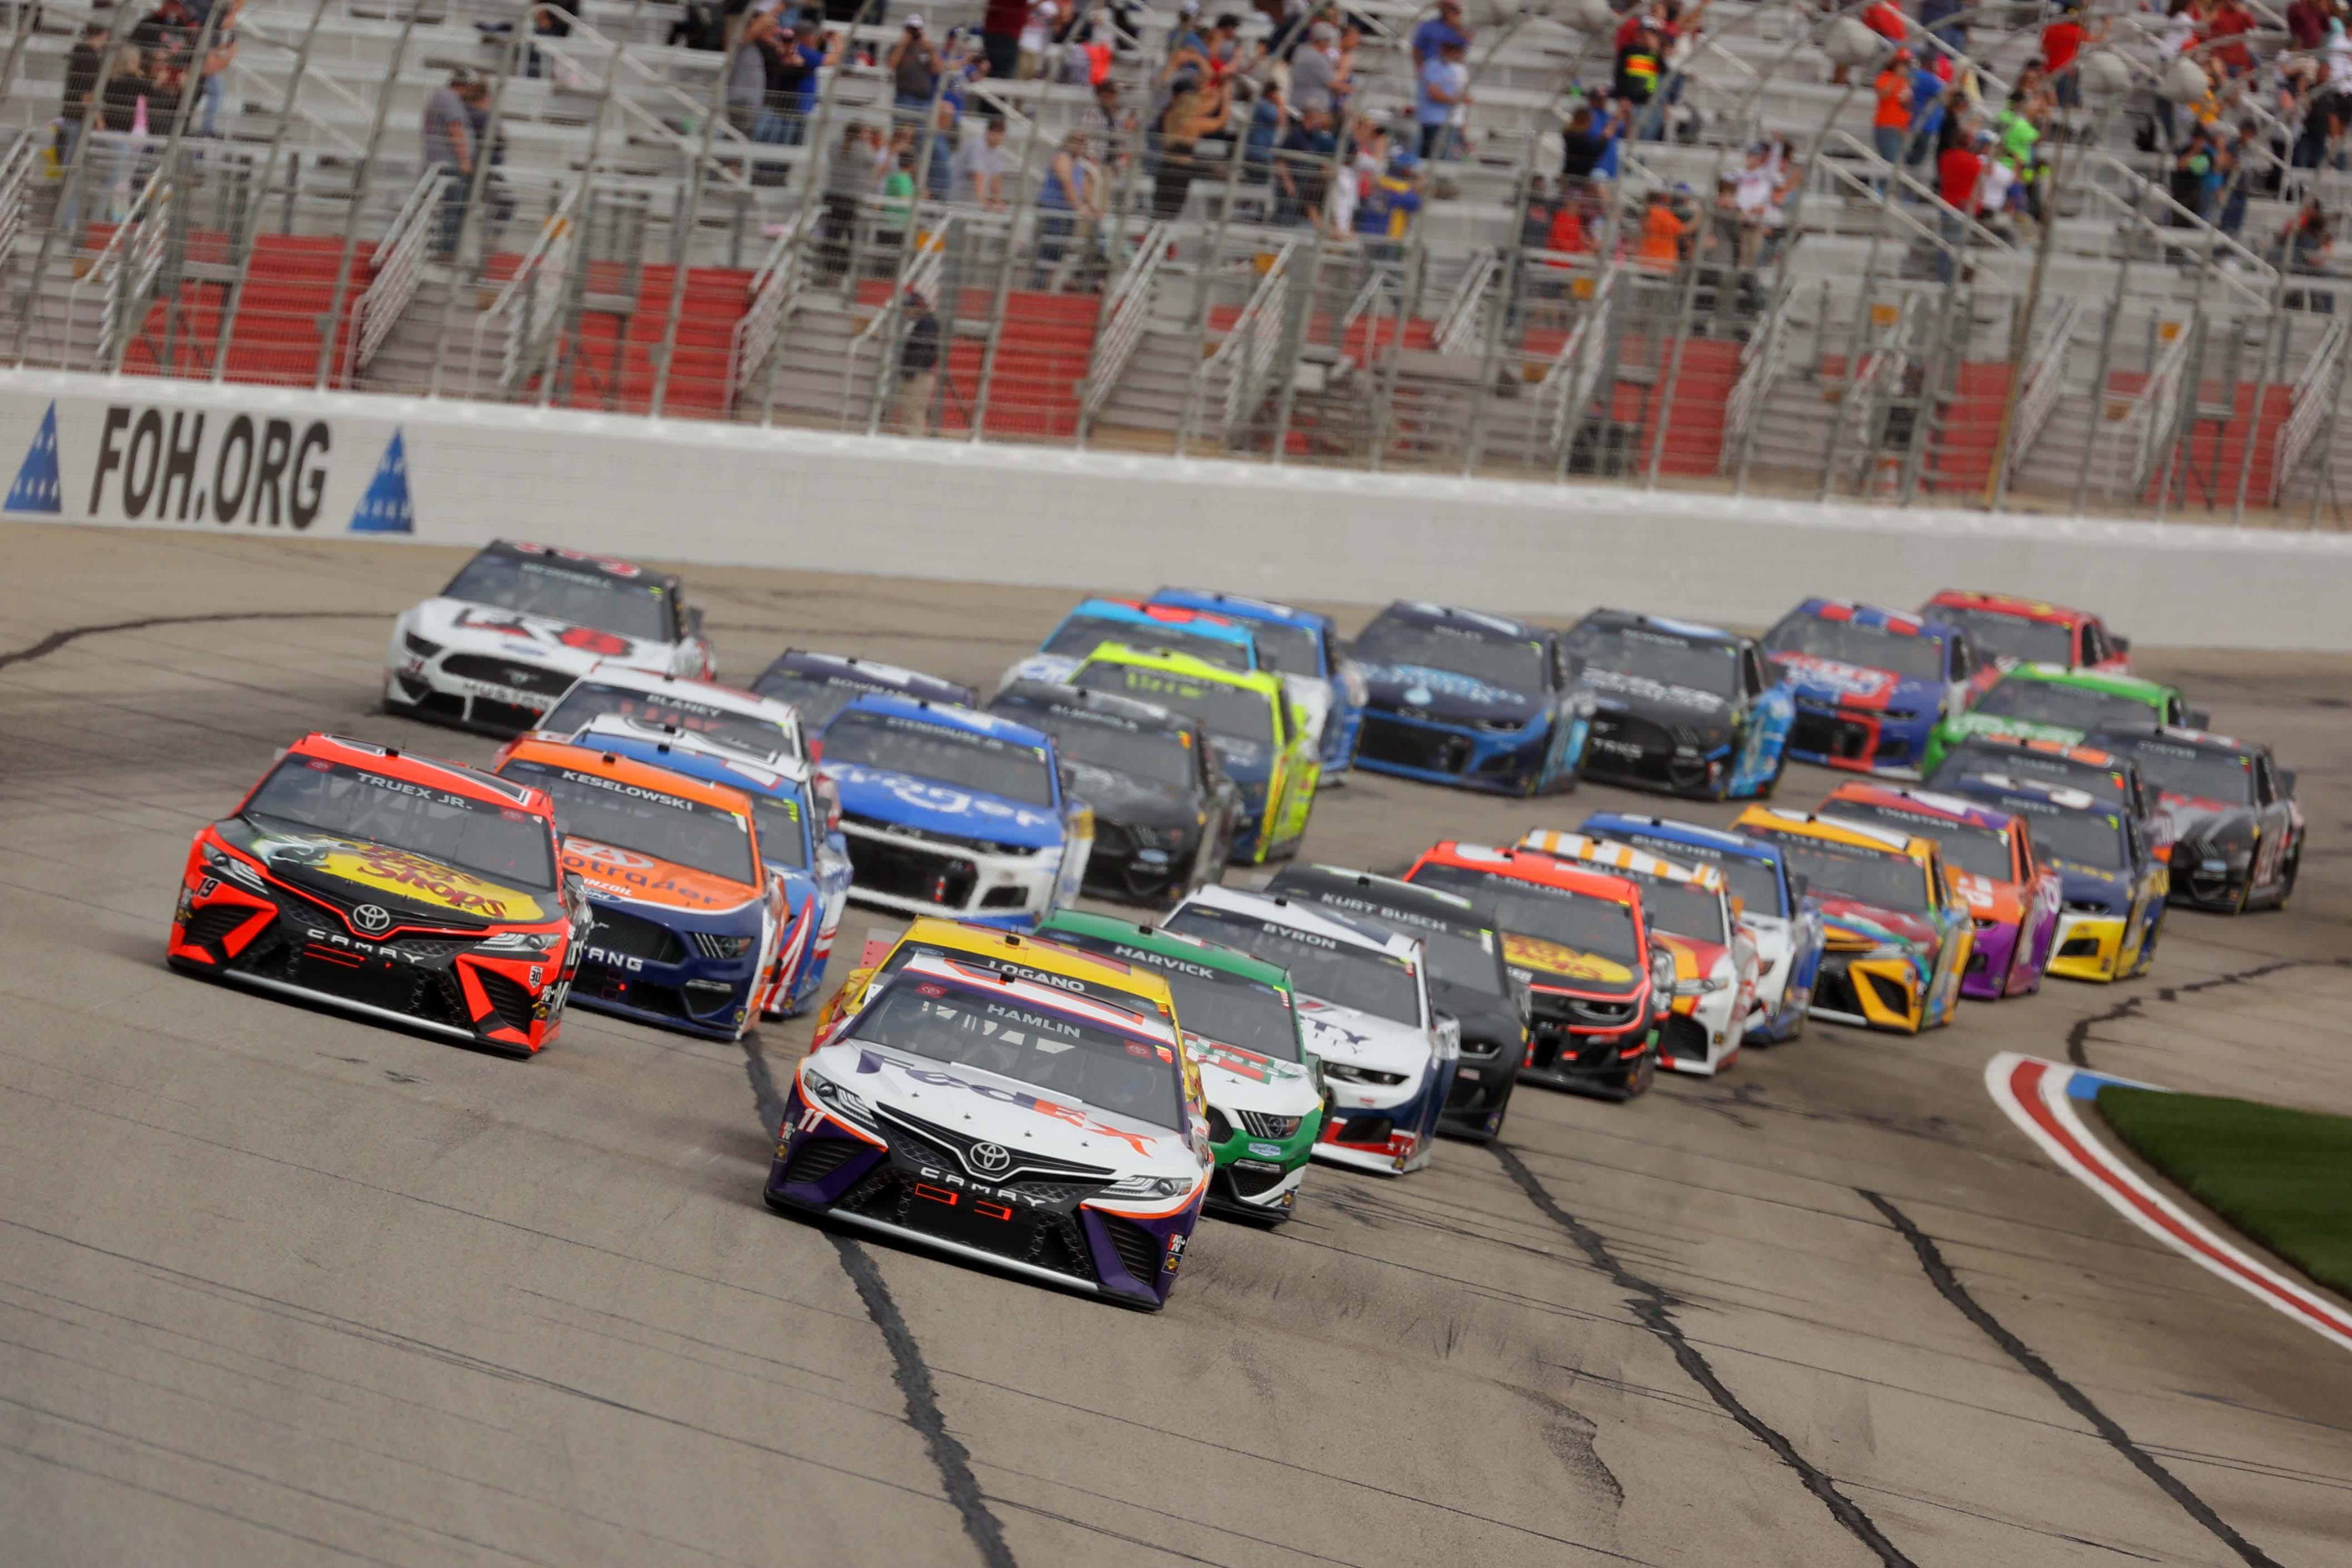 Denny Hamlin, Martin Truex Jr - Atlanta Motor Speedway - NASCAR Cup Series